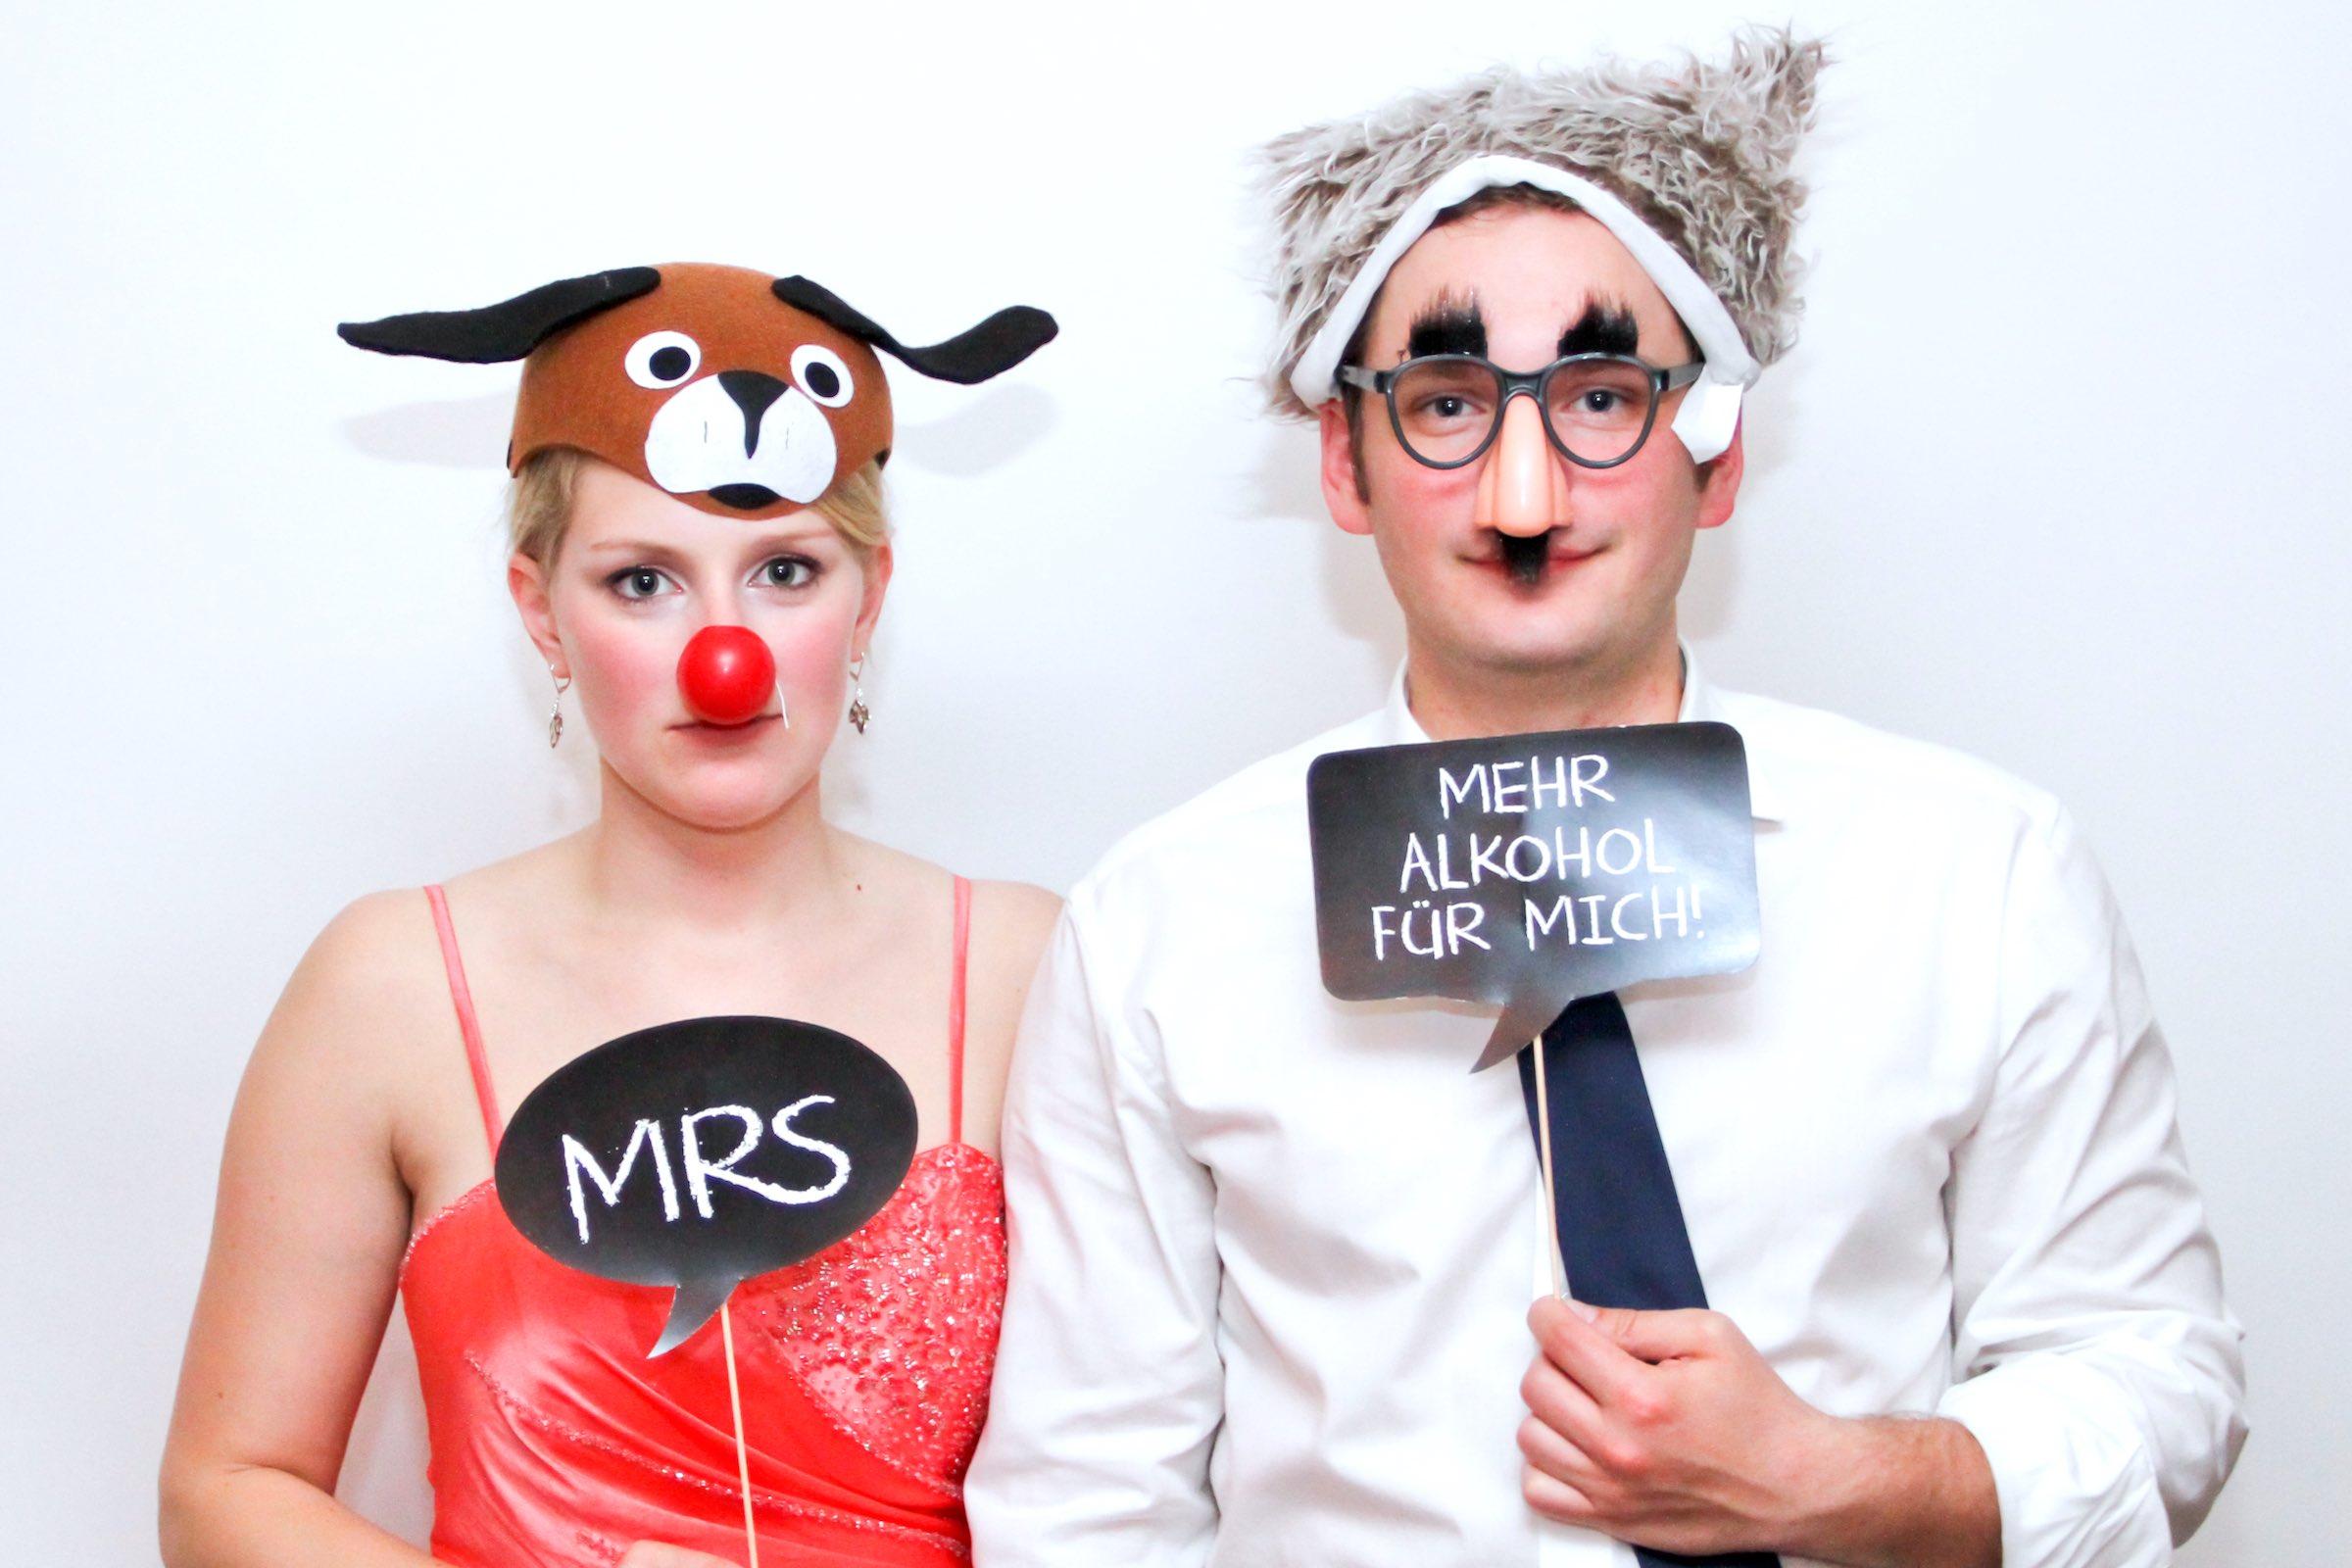 Fotobox | Mieten | Druck | Ausdruck | Sofortdruck | Fotokiste | Photobooth | Fotoautomat | Hochzeit | Messe | Event | Firmenfeier | Abiball | Buchen | Anfragen | Mieten | Fotoglotze | Lehmann | Eventservice